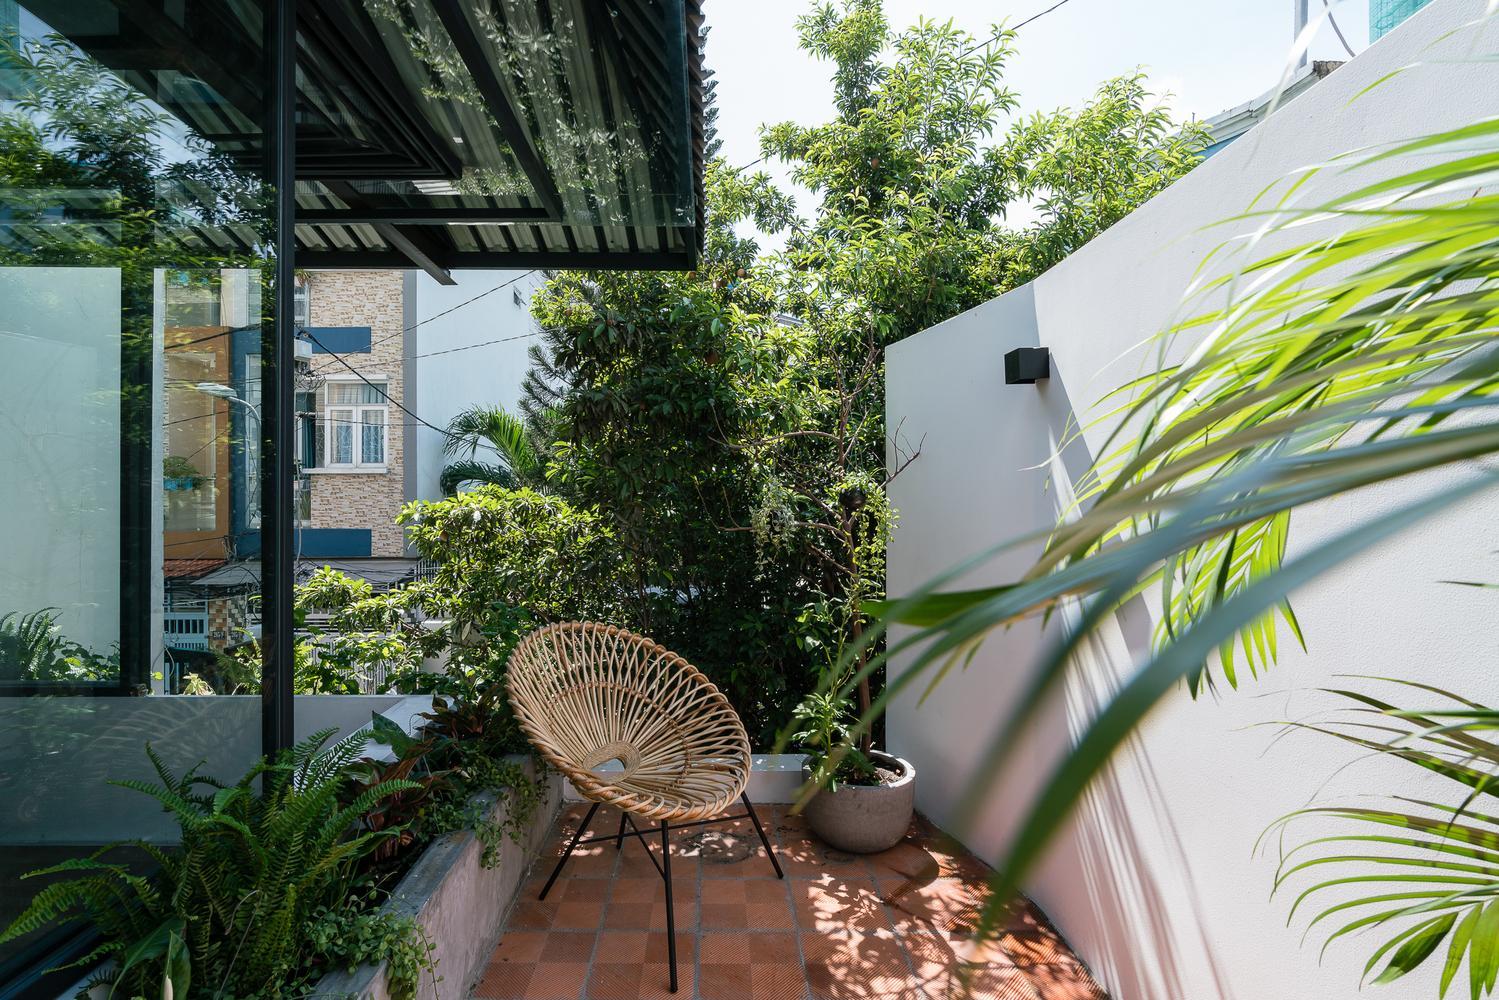 Ngôi nhà được bao quanh bởi bức tường cao, đảm bảo không gian riêng tư bên trong.